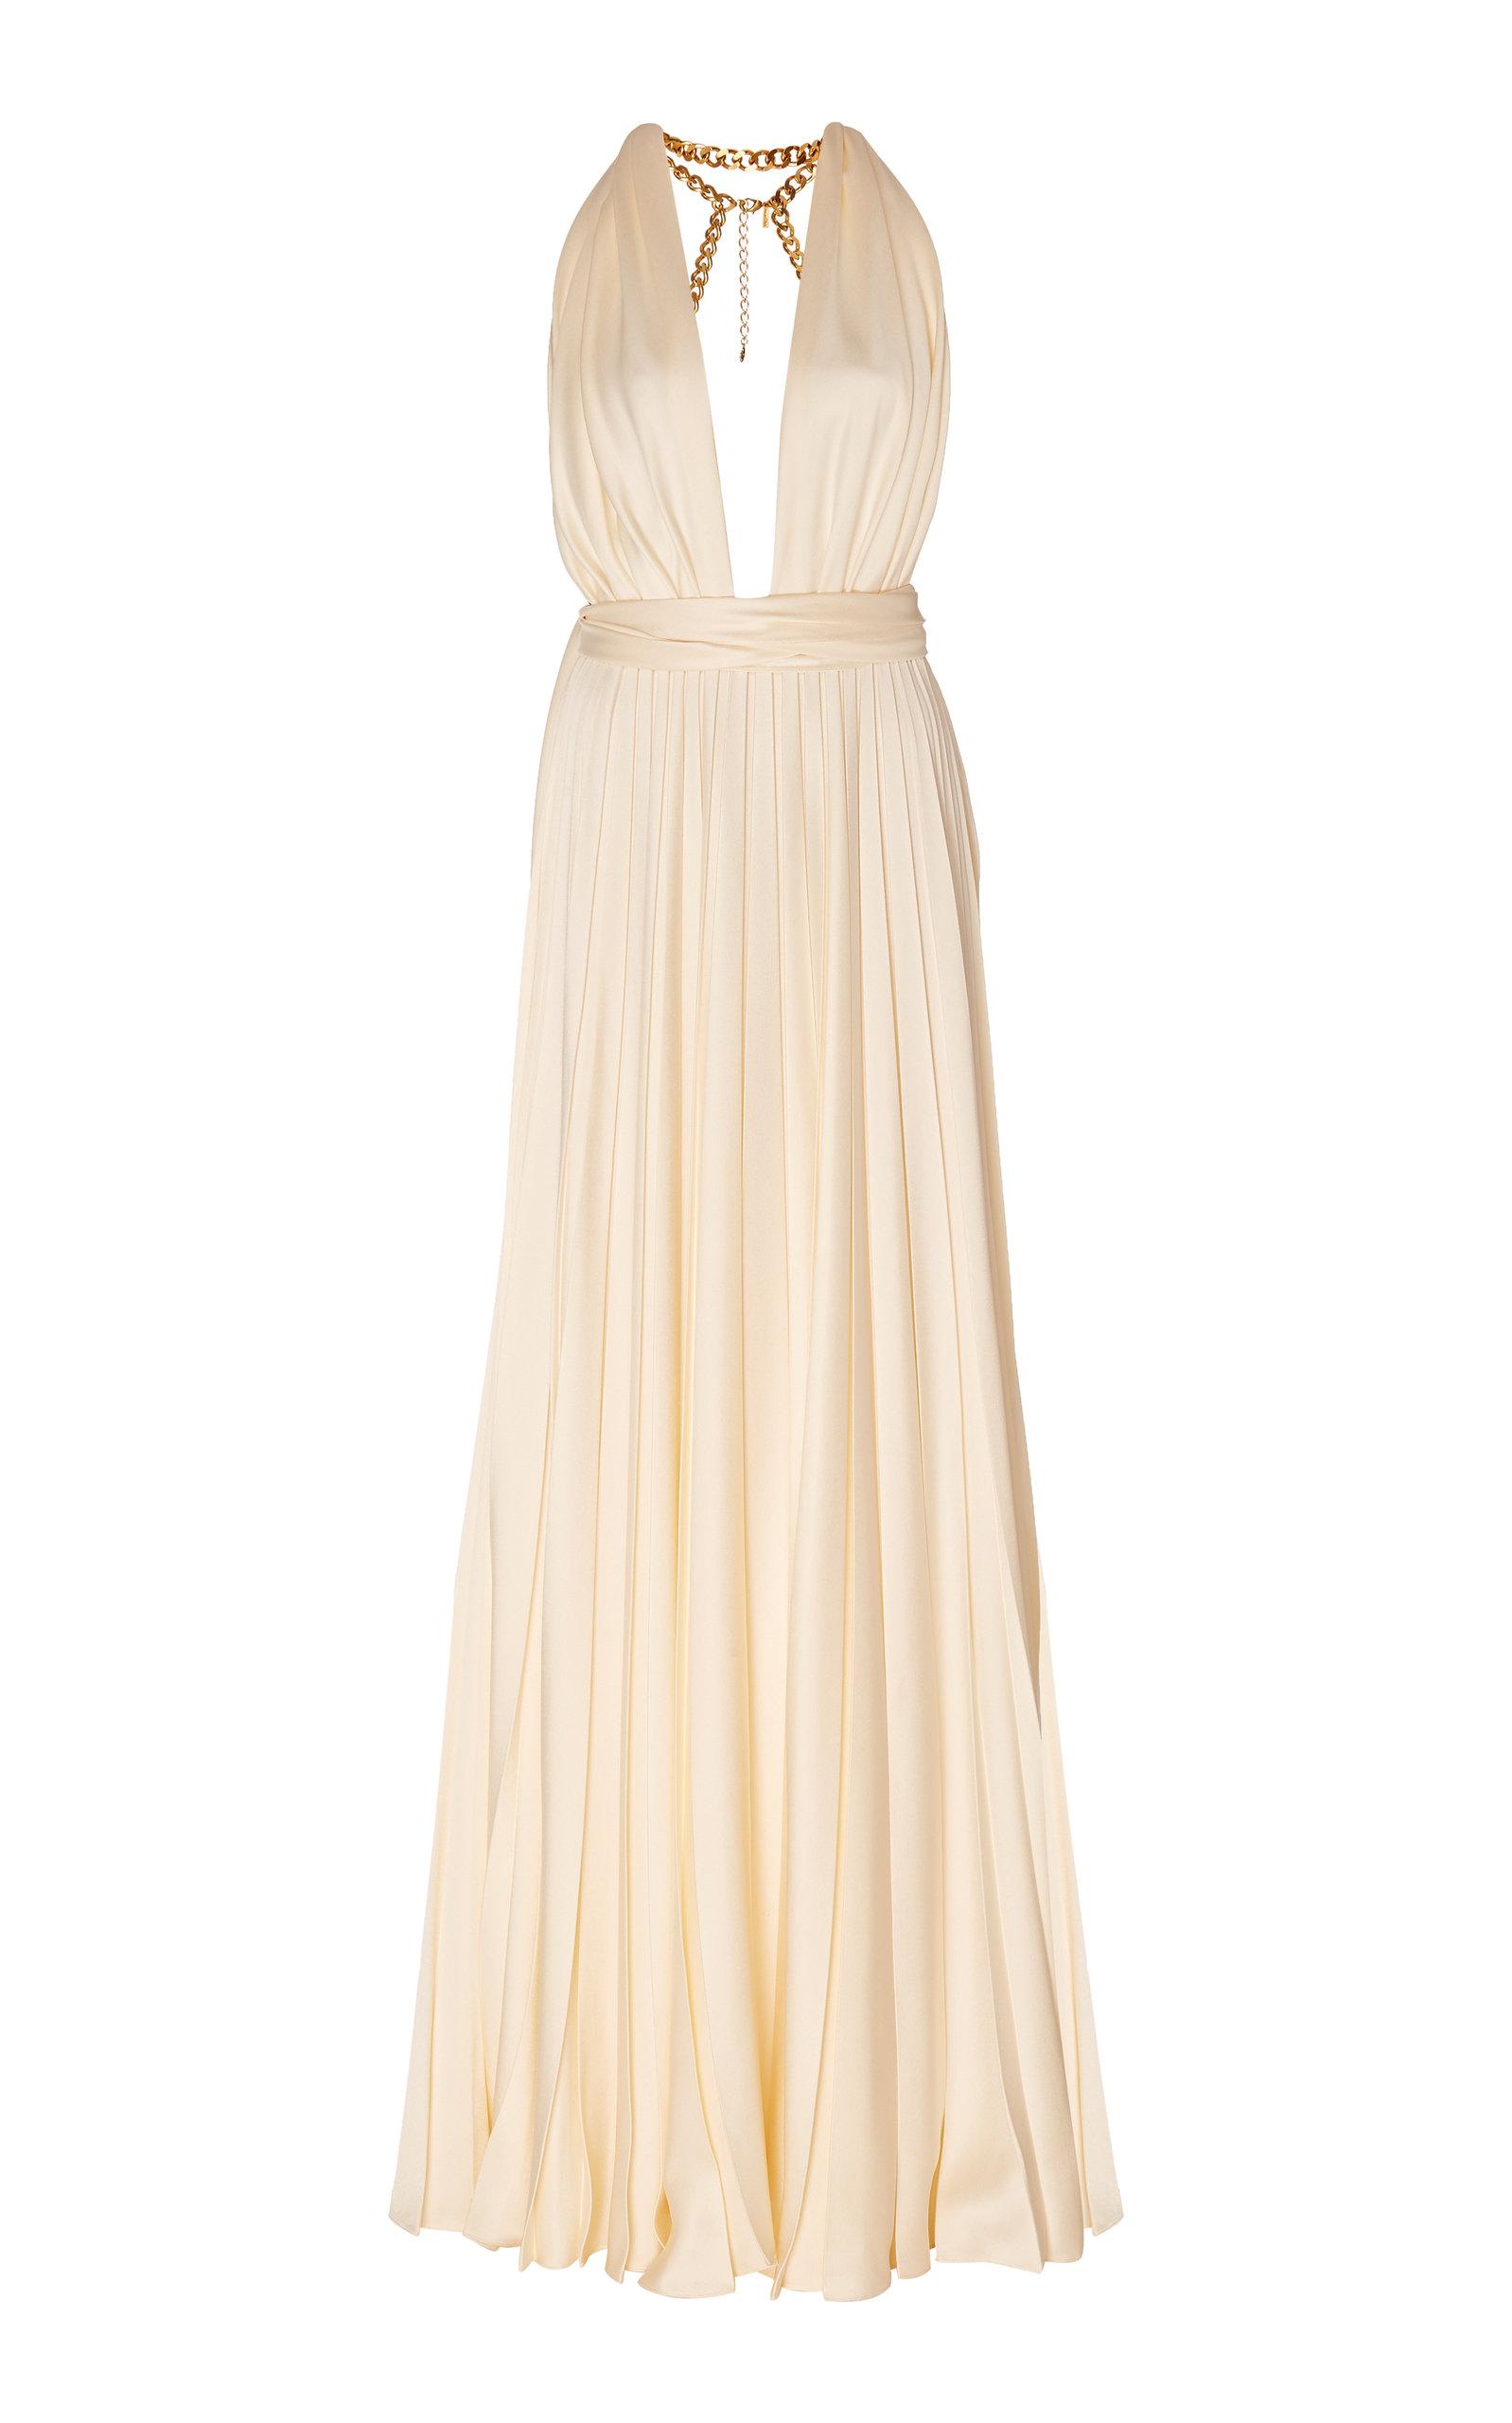 Buy Oscar de la Renta Embellished Gathered Cady Gown online, shop Oscar de la Renta at the best price